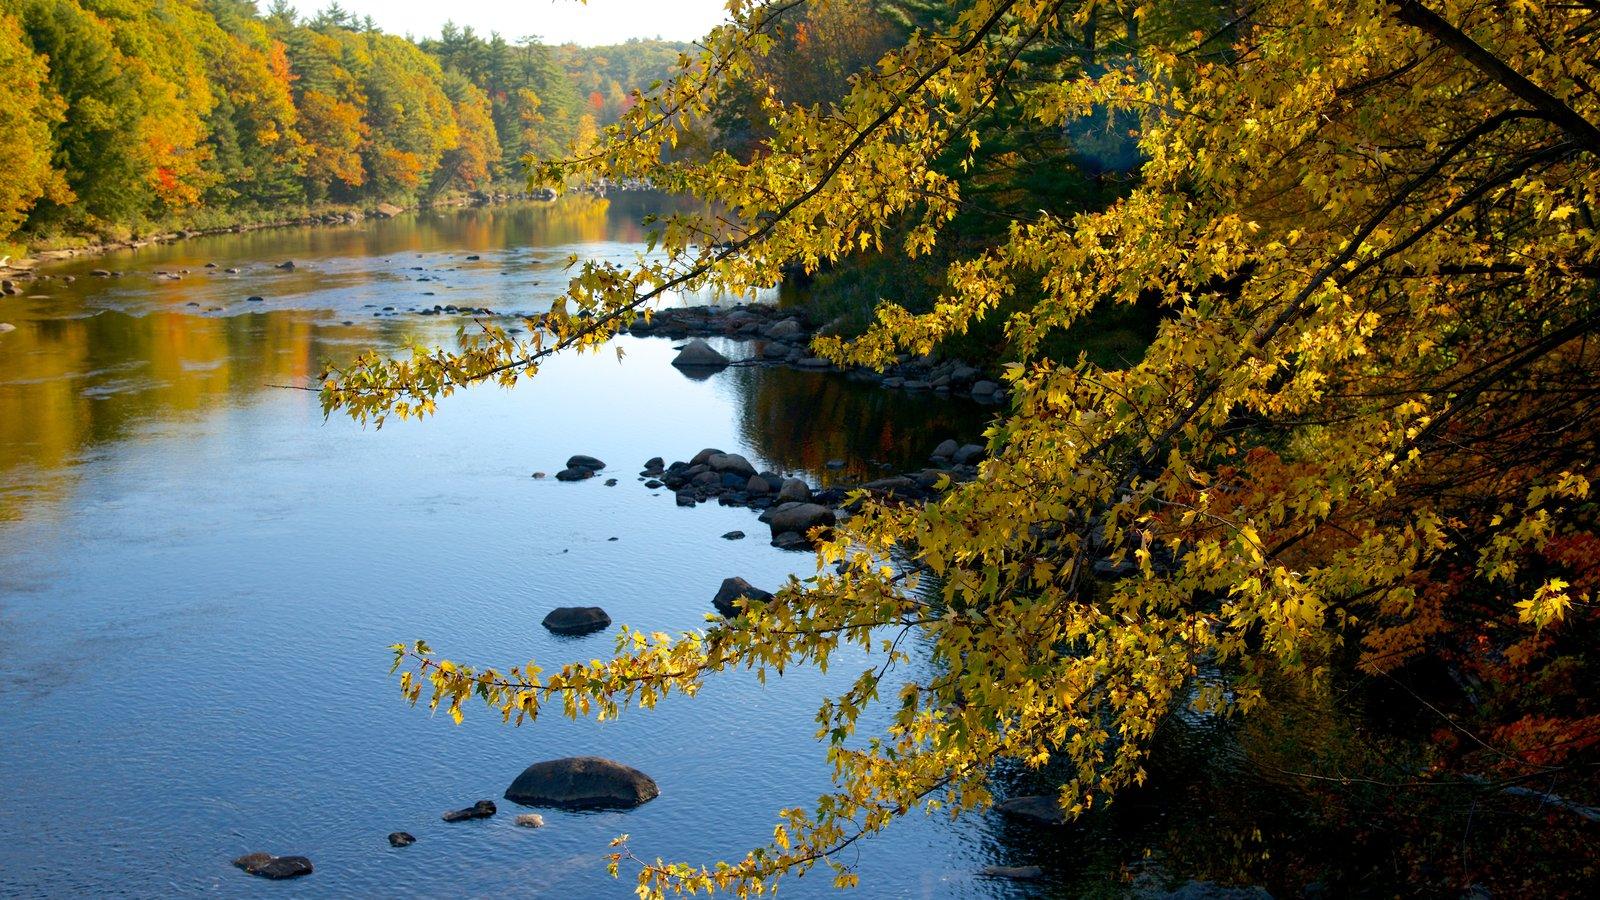 Conway que inclui um rio ou córrego, cores do outono e um parque